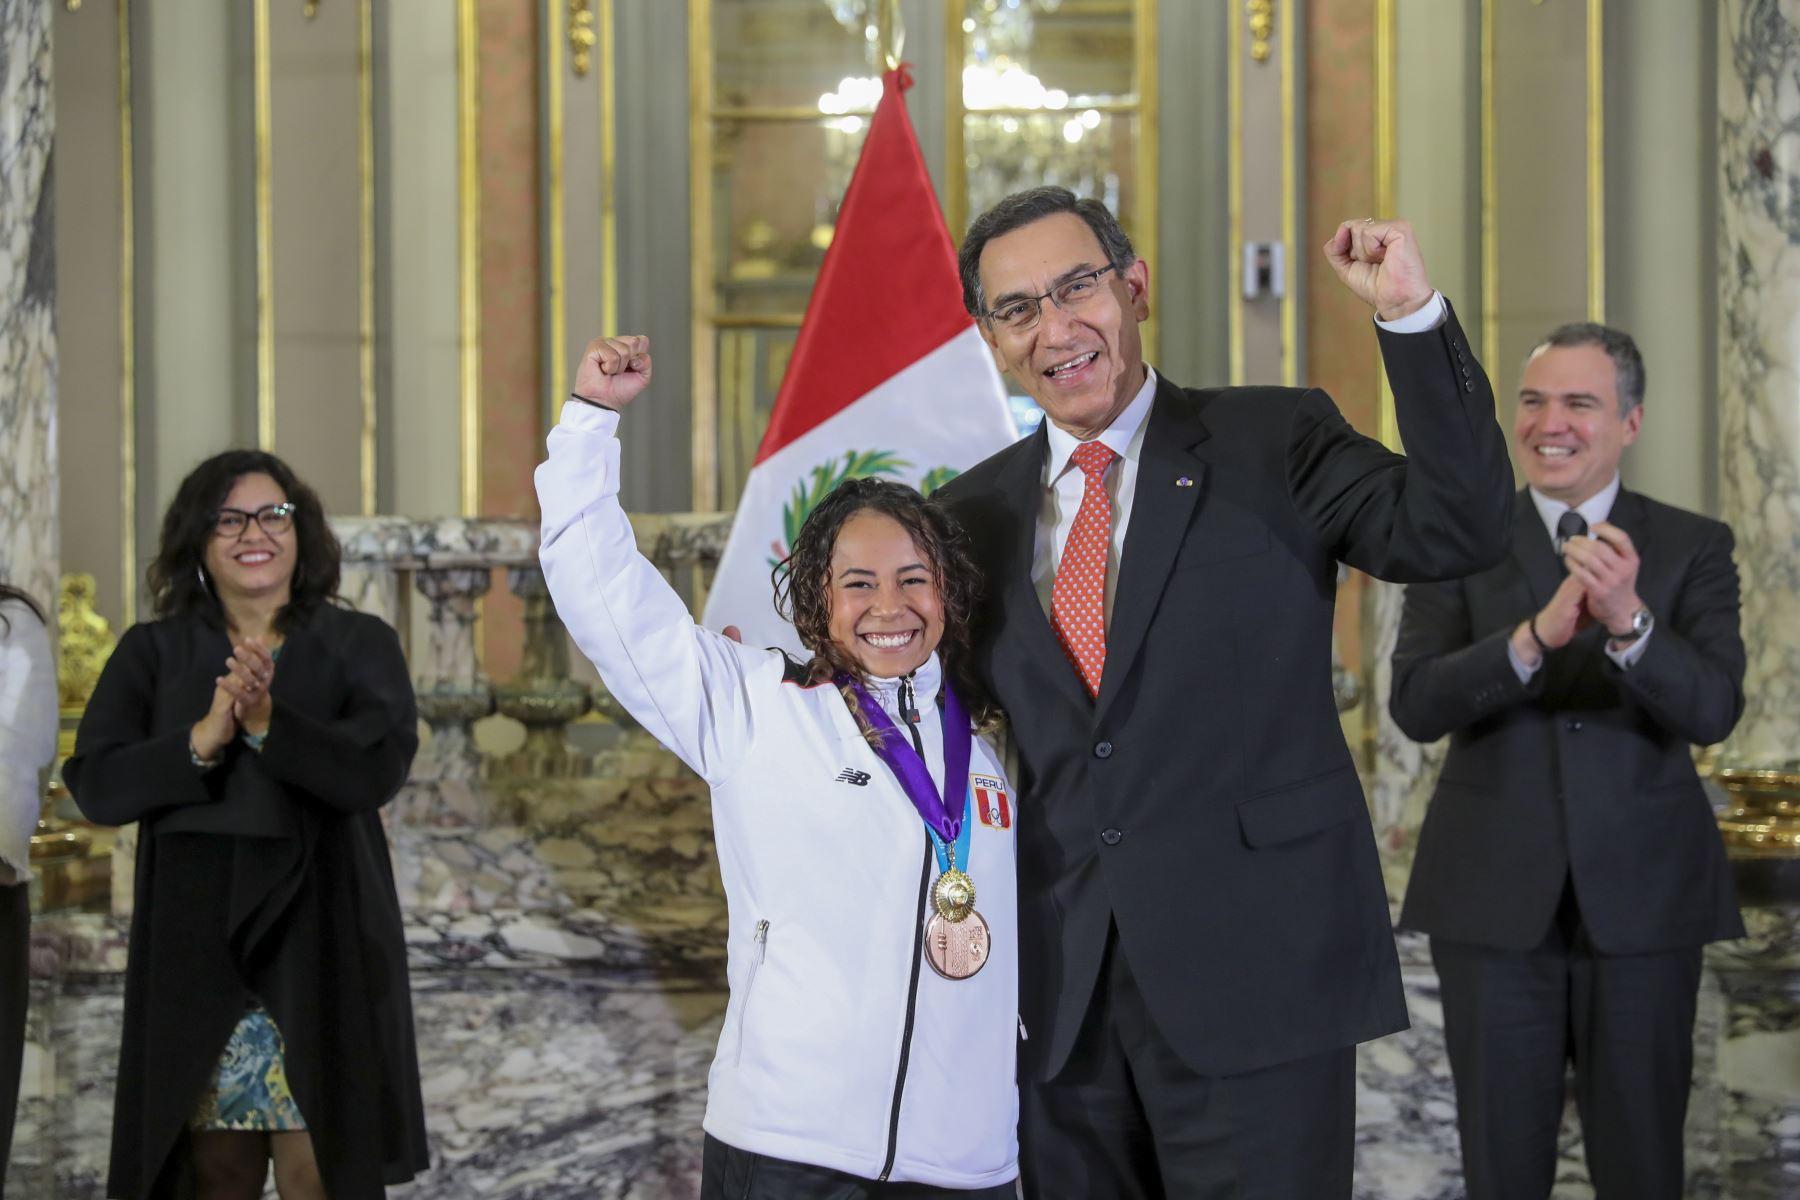 El Presidente de la República, Martín Vizcarra, reconoce a los deportistas nacionales que ganaron una medalla en los Juegos Panamericanos Lima 2019. Foto:ANDINA/ Prensa Presidencia